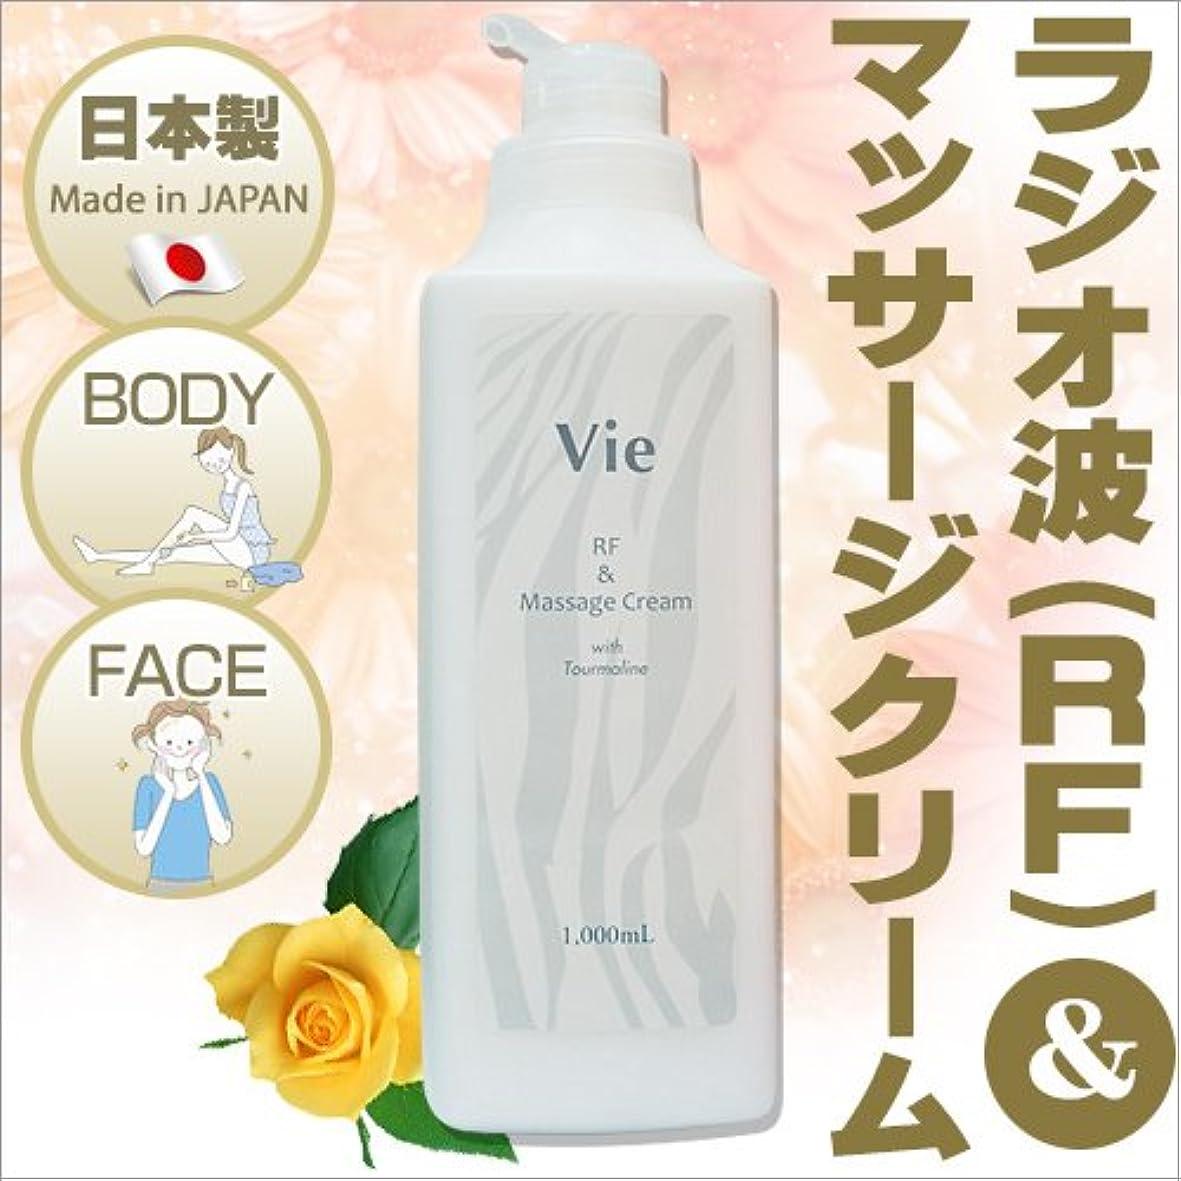 ラジオ波クリーム【日本製】1kg Vie RFクリーム